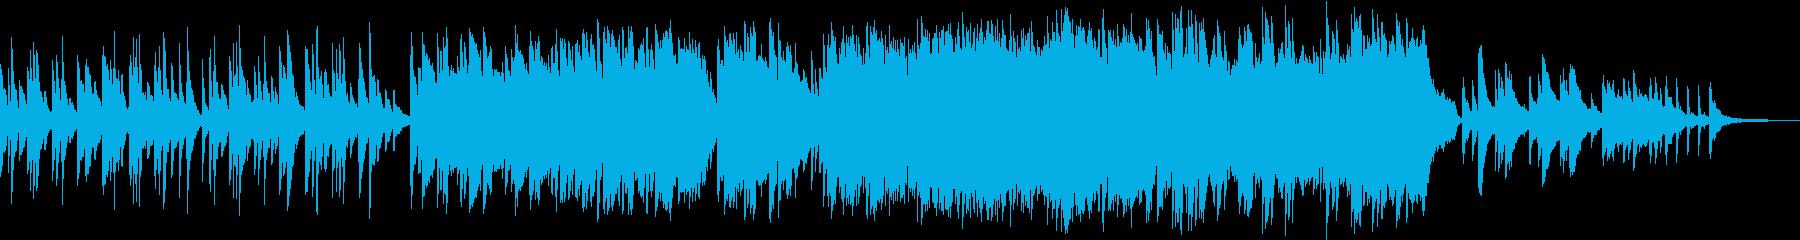 アメイジング・グレイスのピアノソロ曲の再生済みの波形